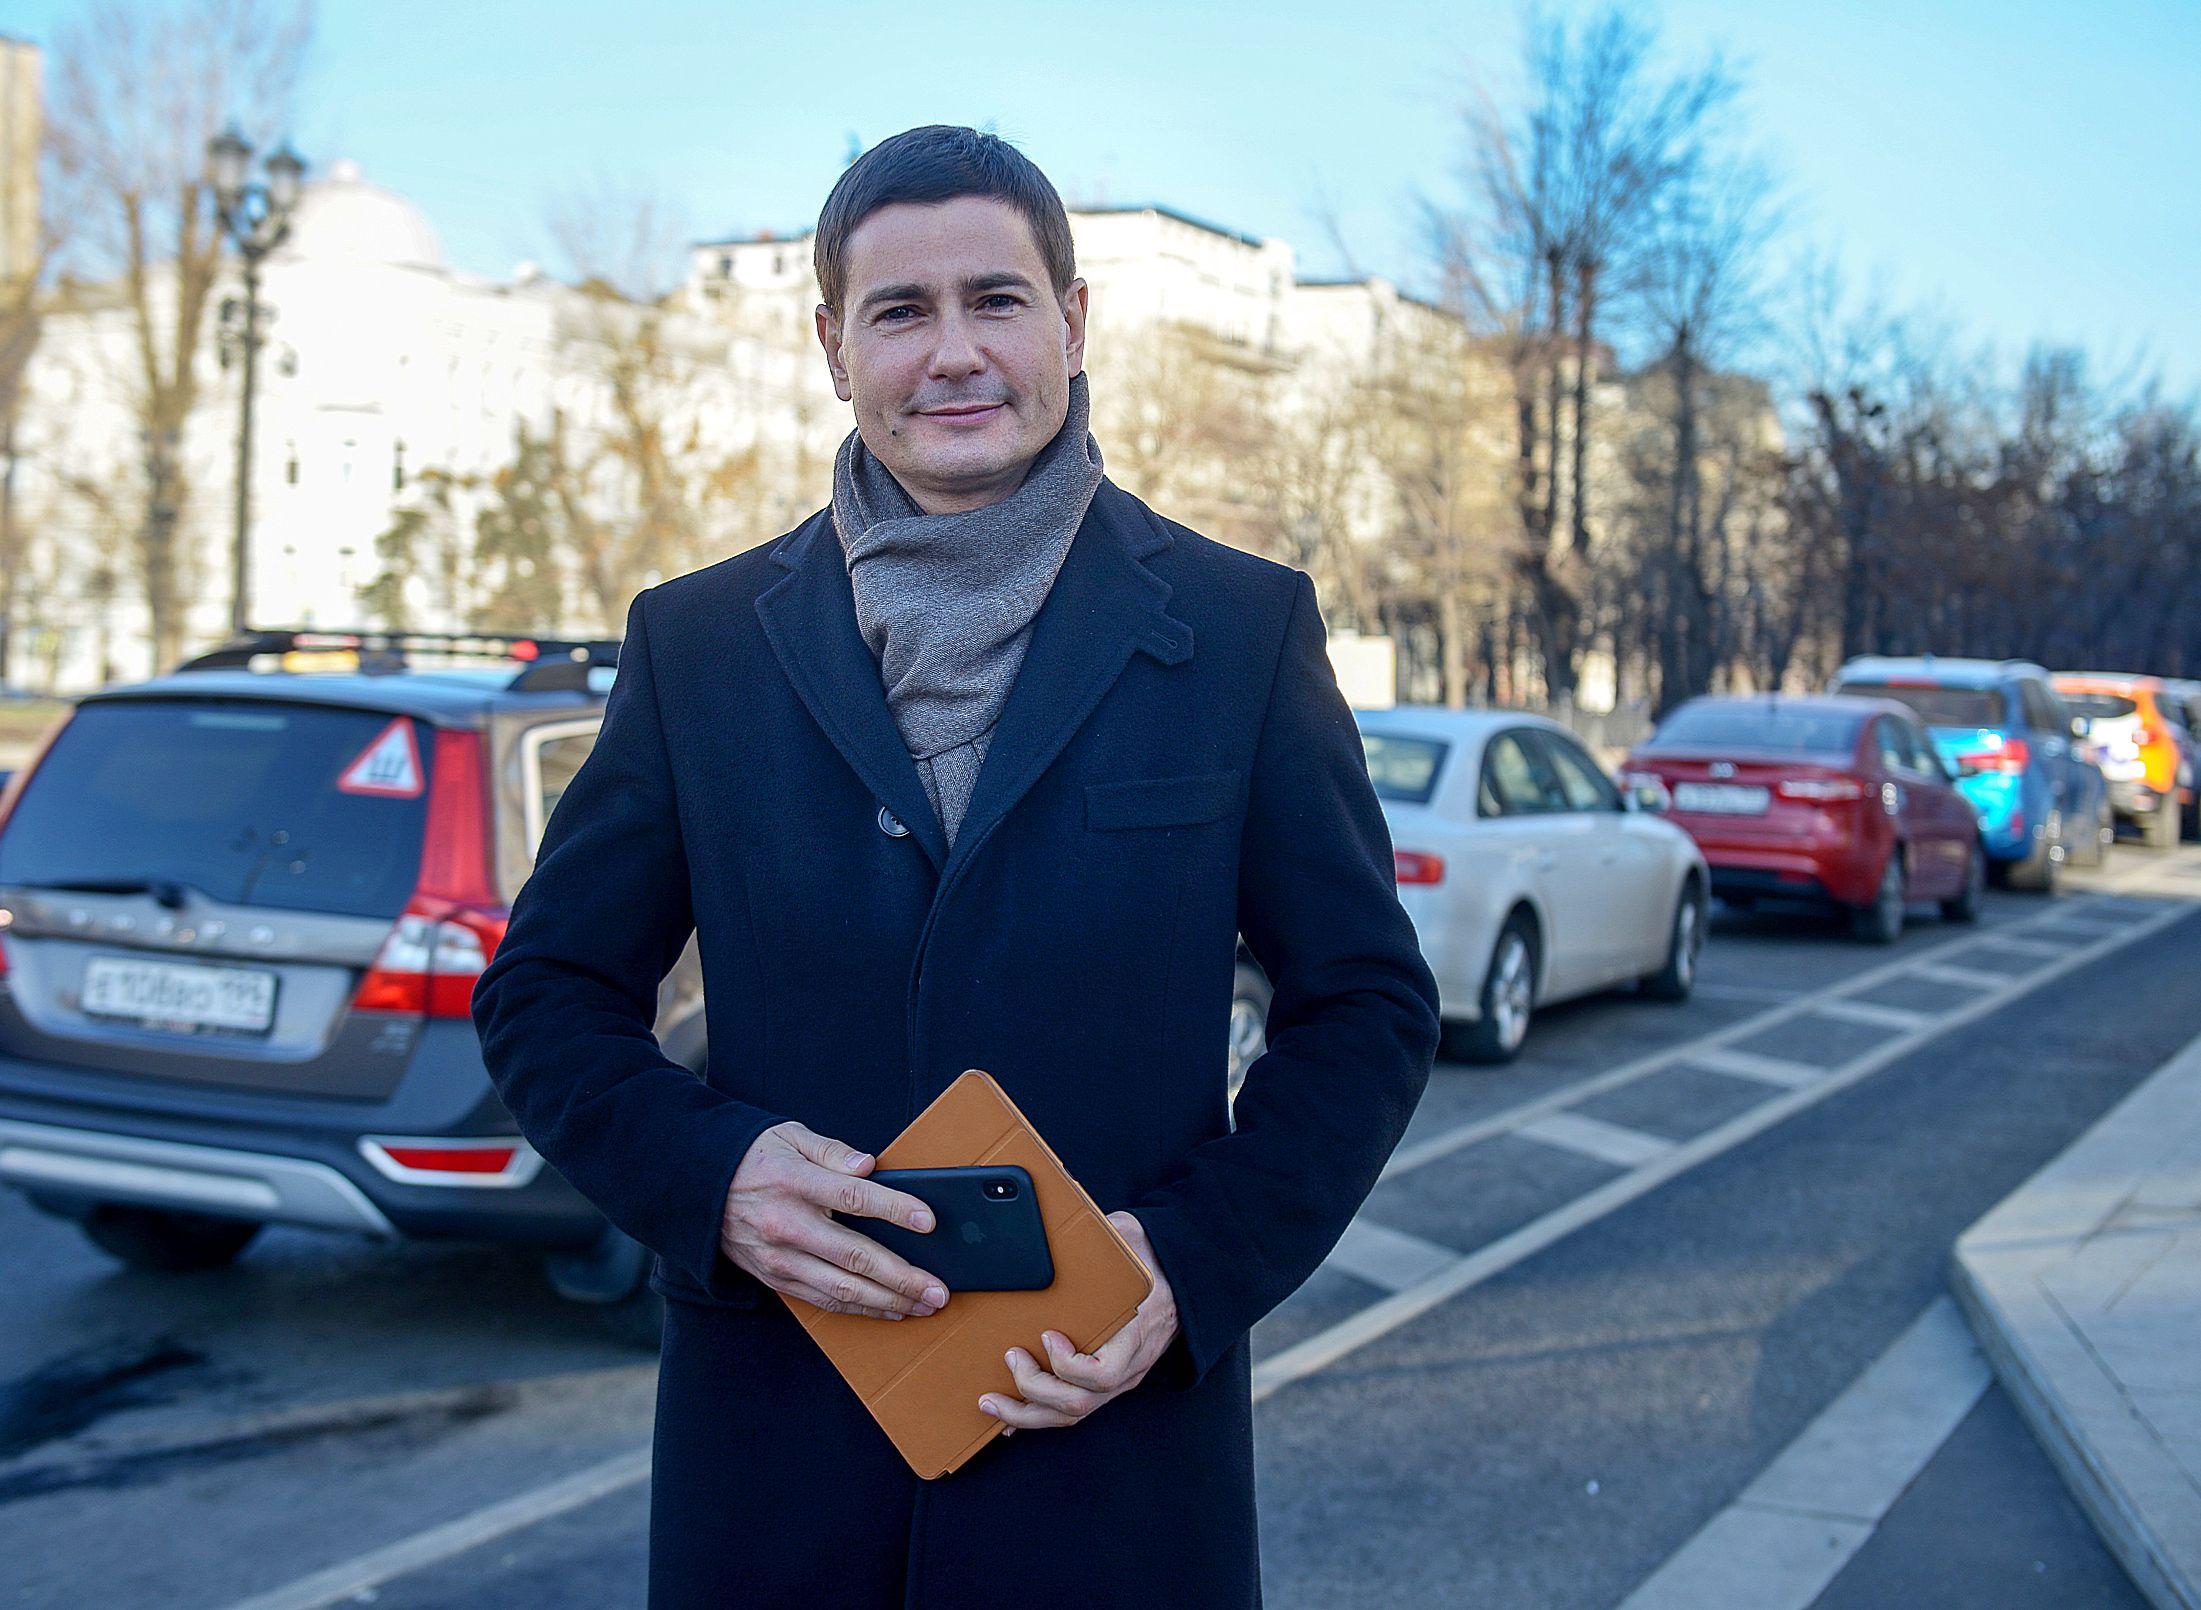 Бесконтактный способ оплаты парковки стал самым популярным в Москве